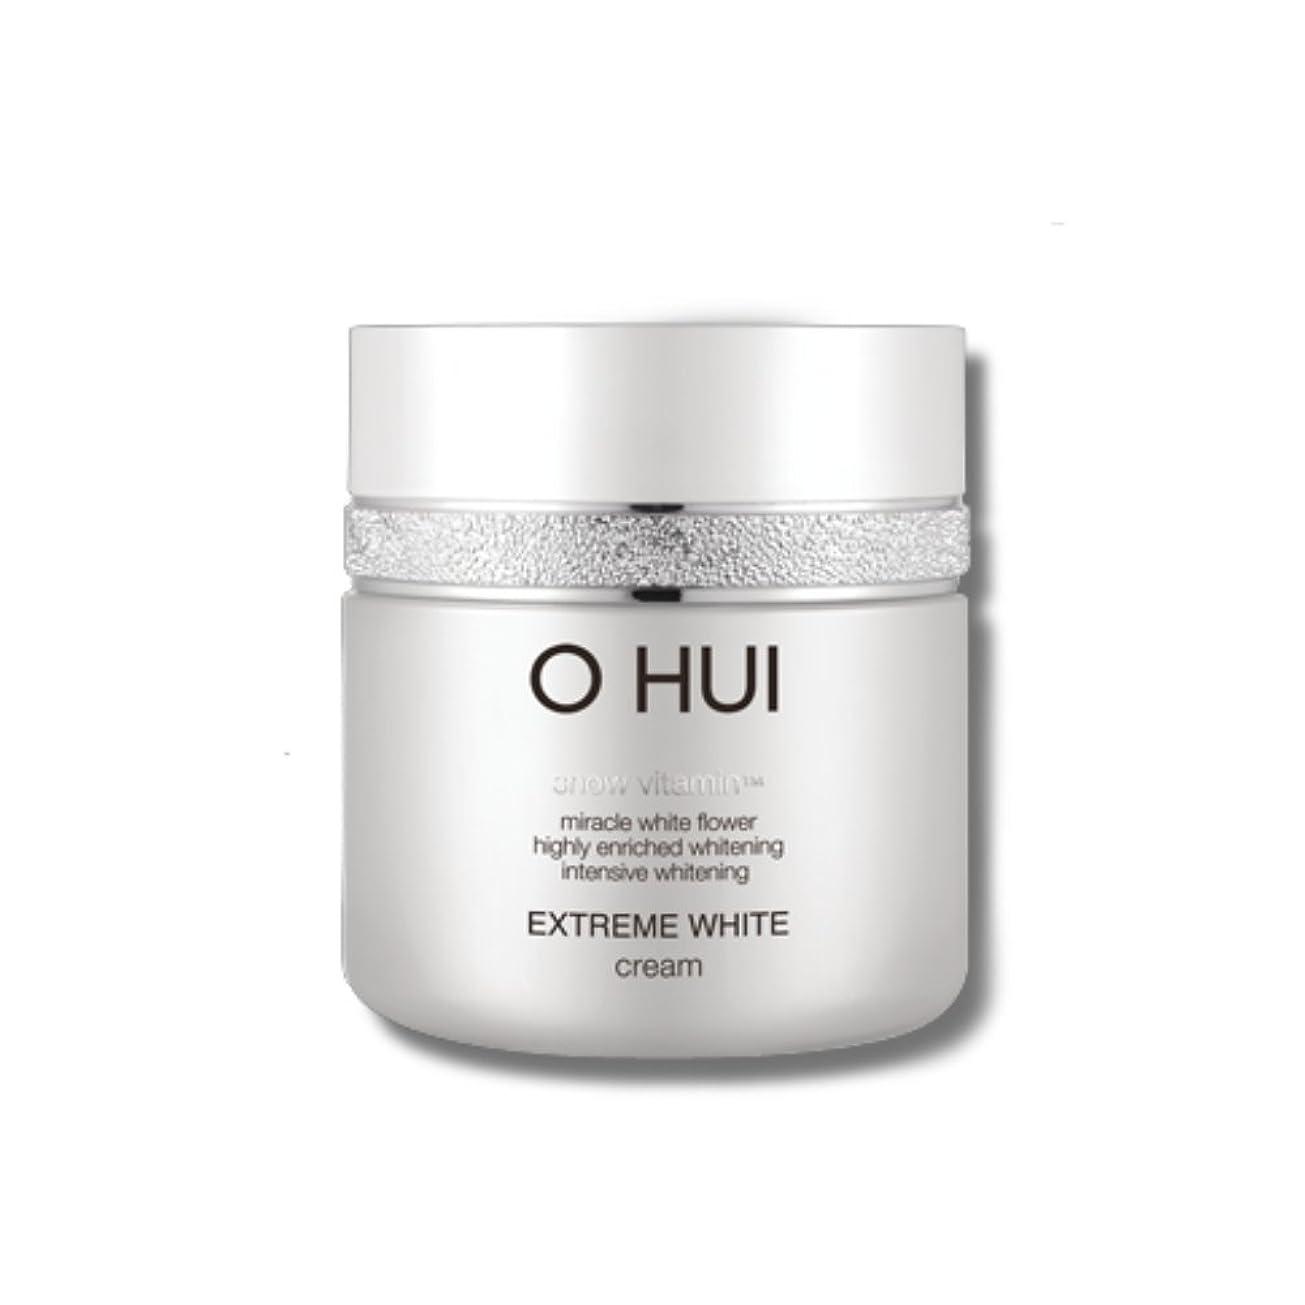 ブリリアント程度簿記係OHUI Extreme White Cream 50ml/オフィ エクストリーム ホワイト クリーム 50ml [並行輸入品]